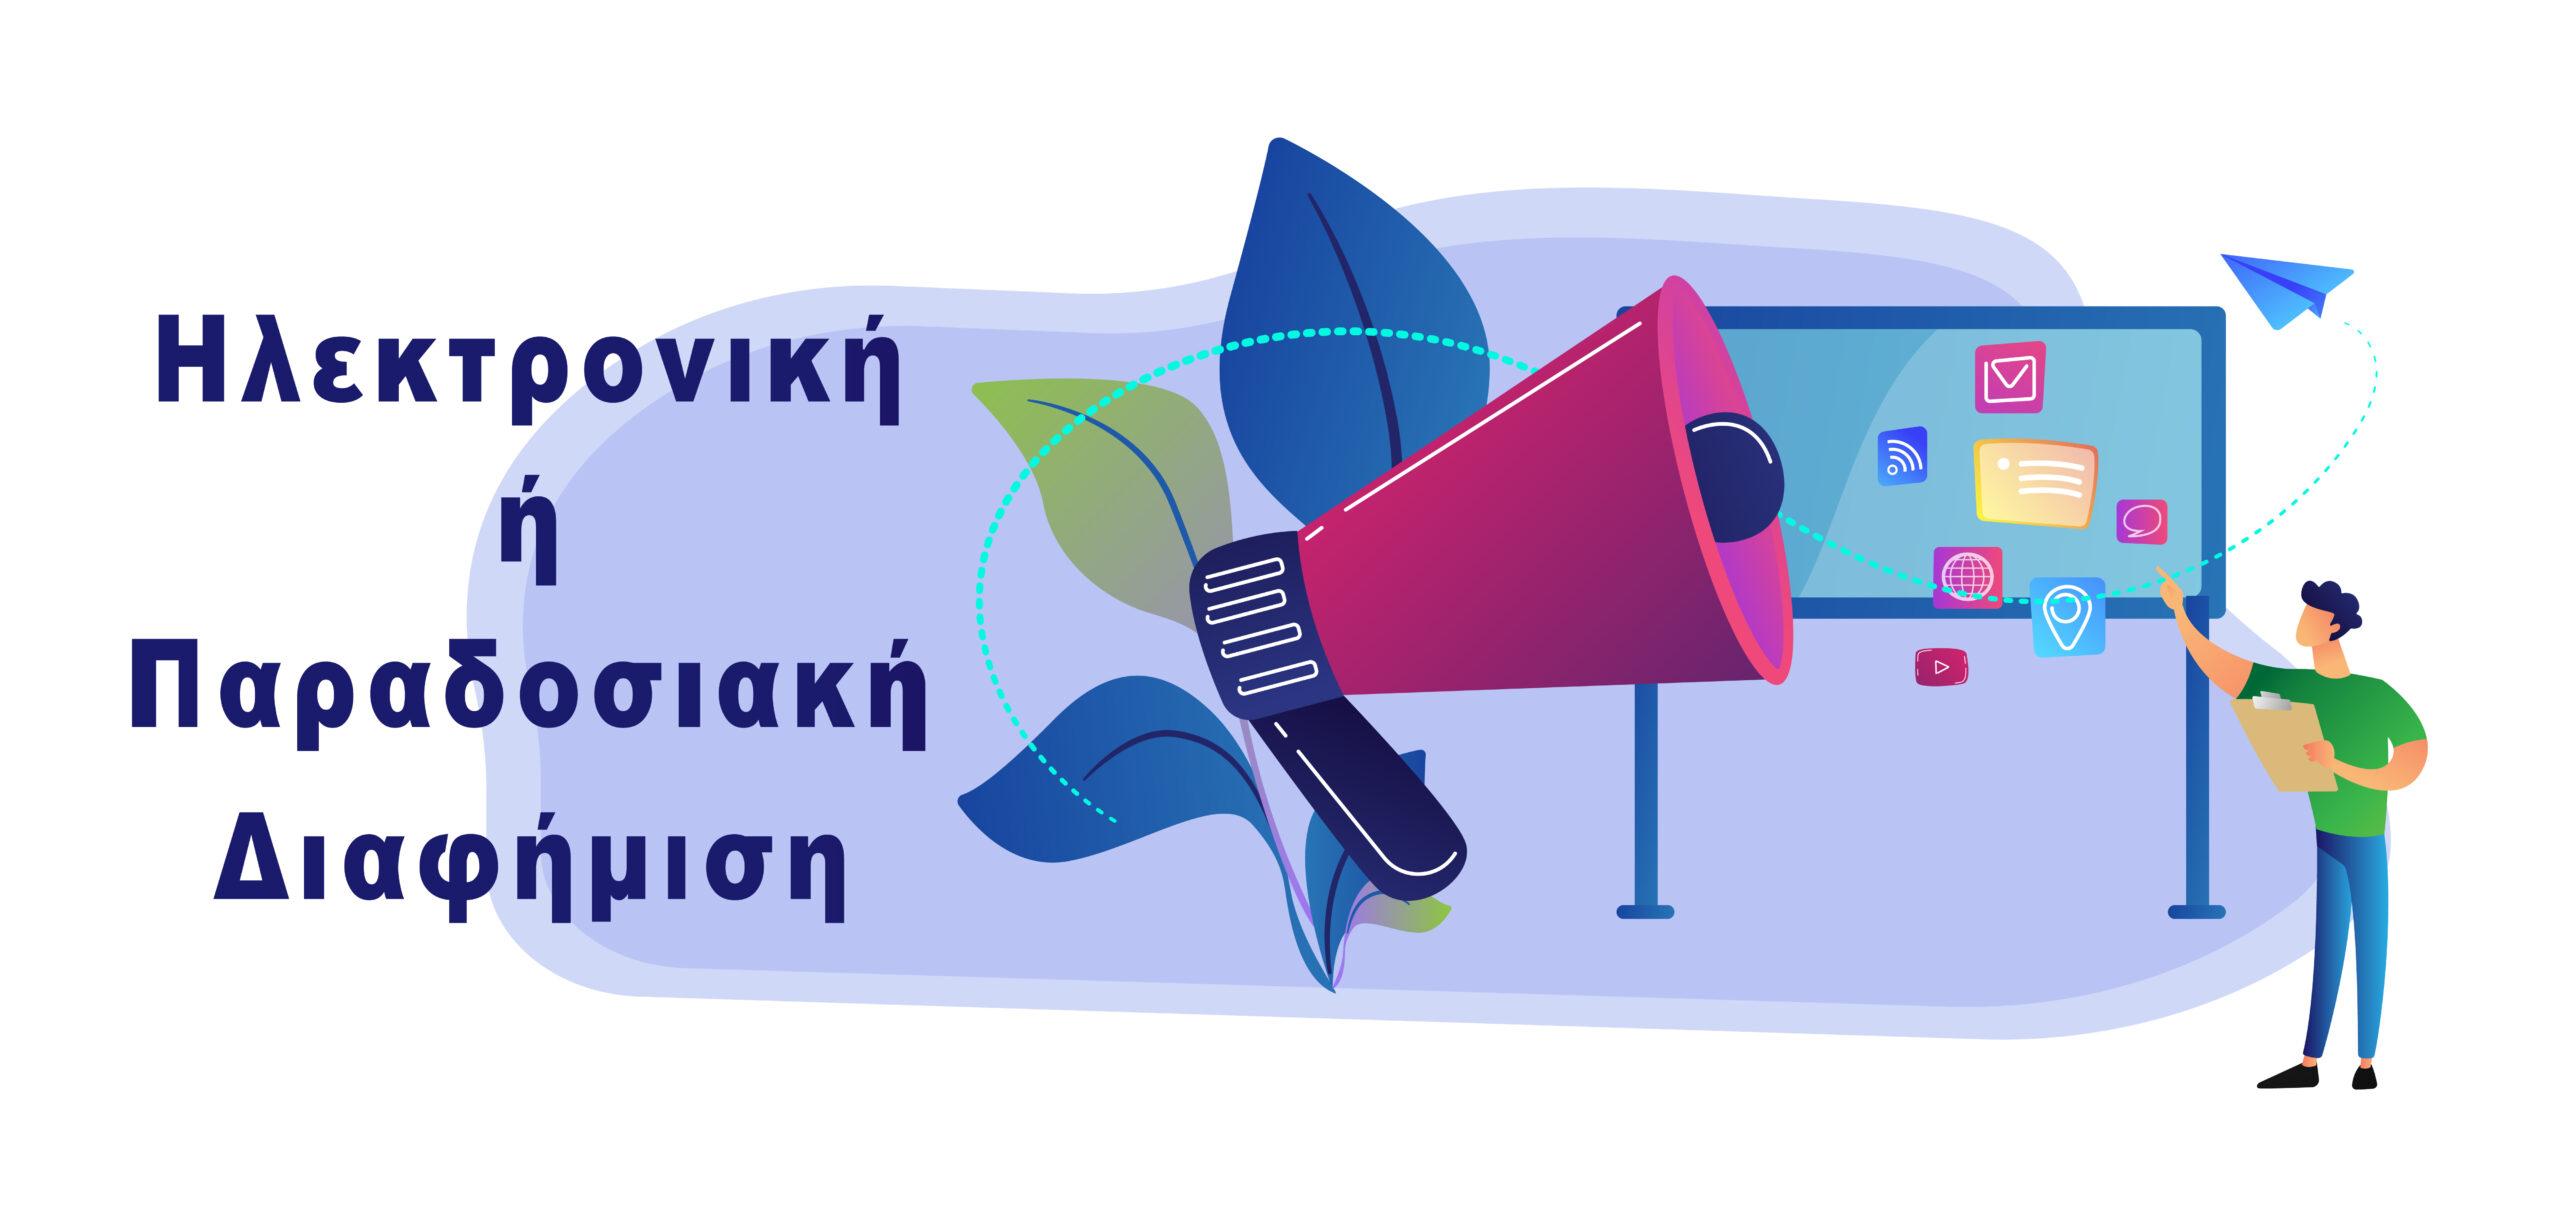 Ηλεκτρονική ή Παραδοσιακή Διαφήμιση-01